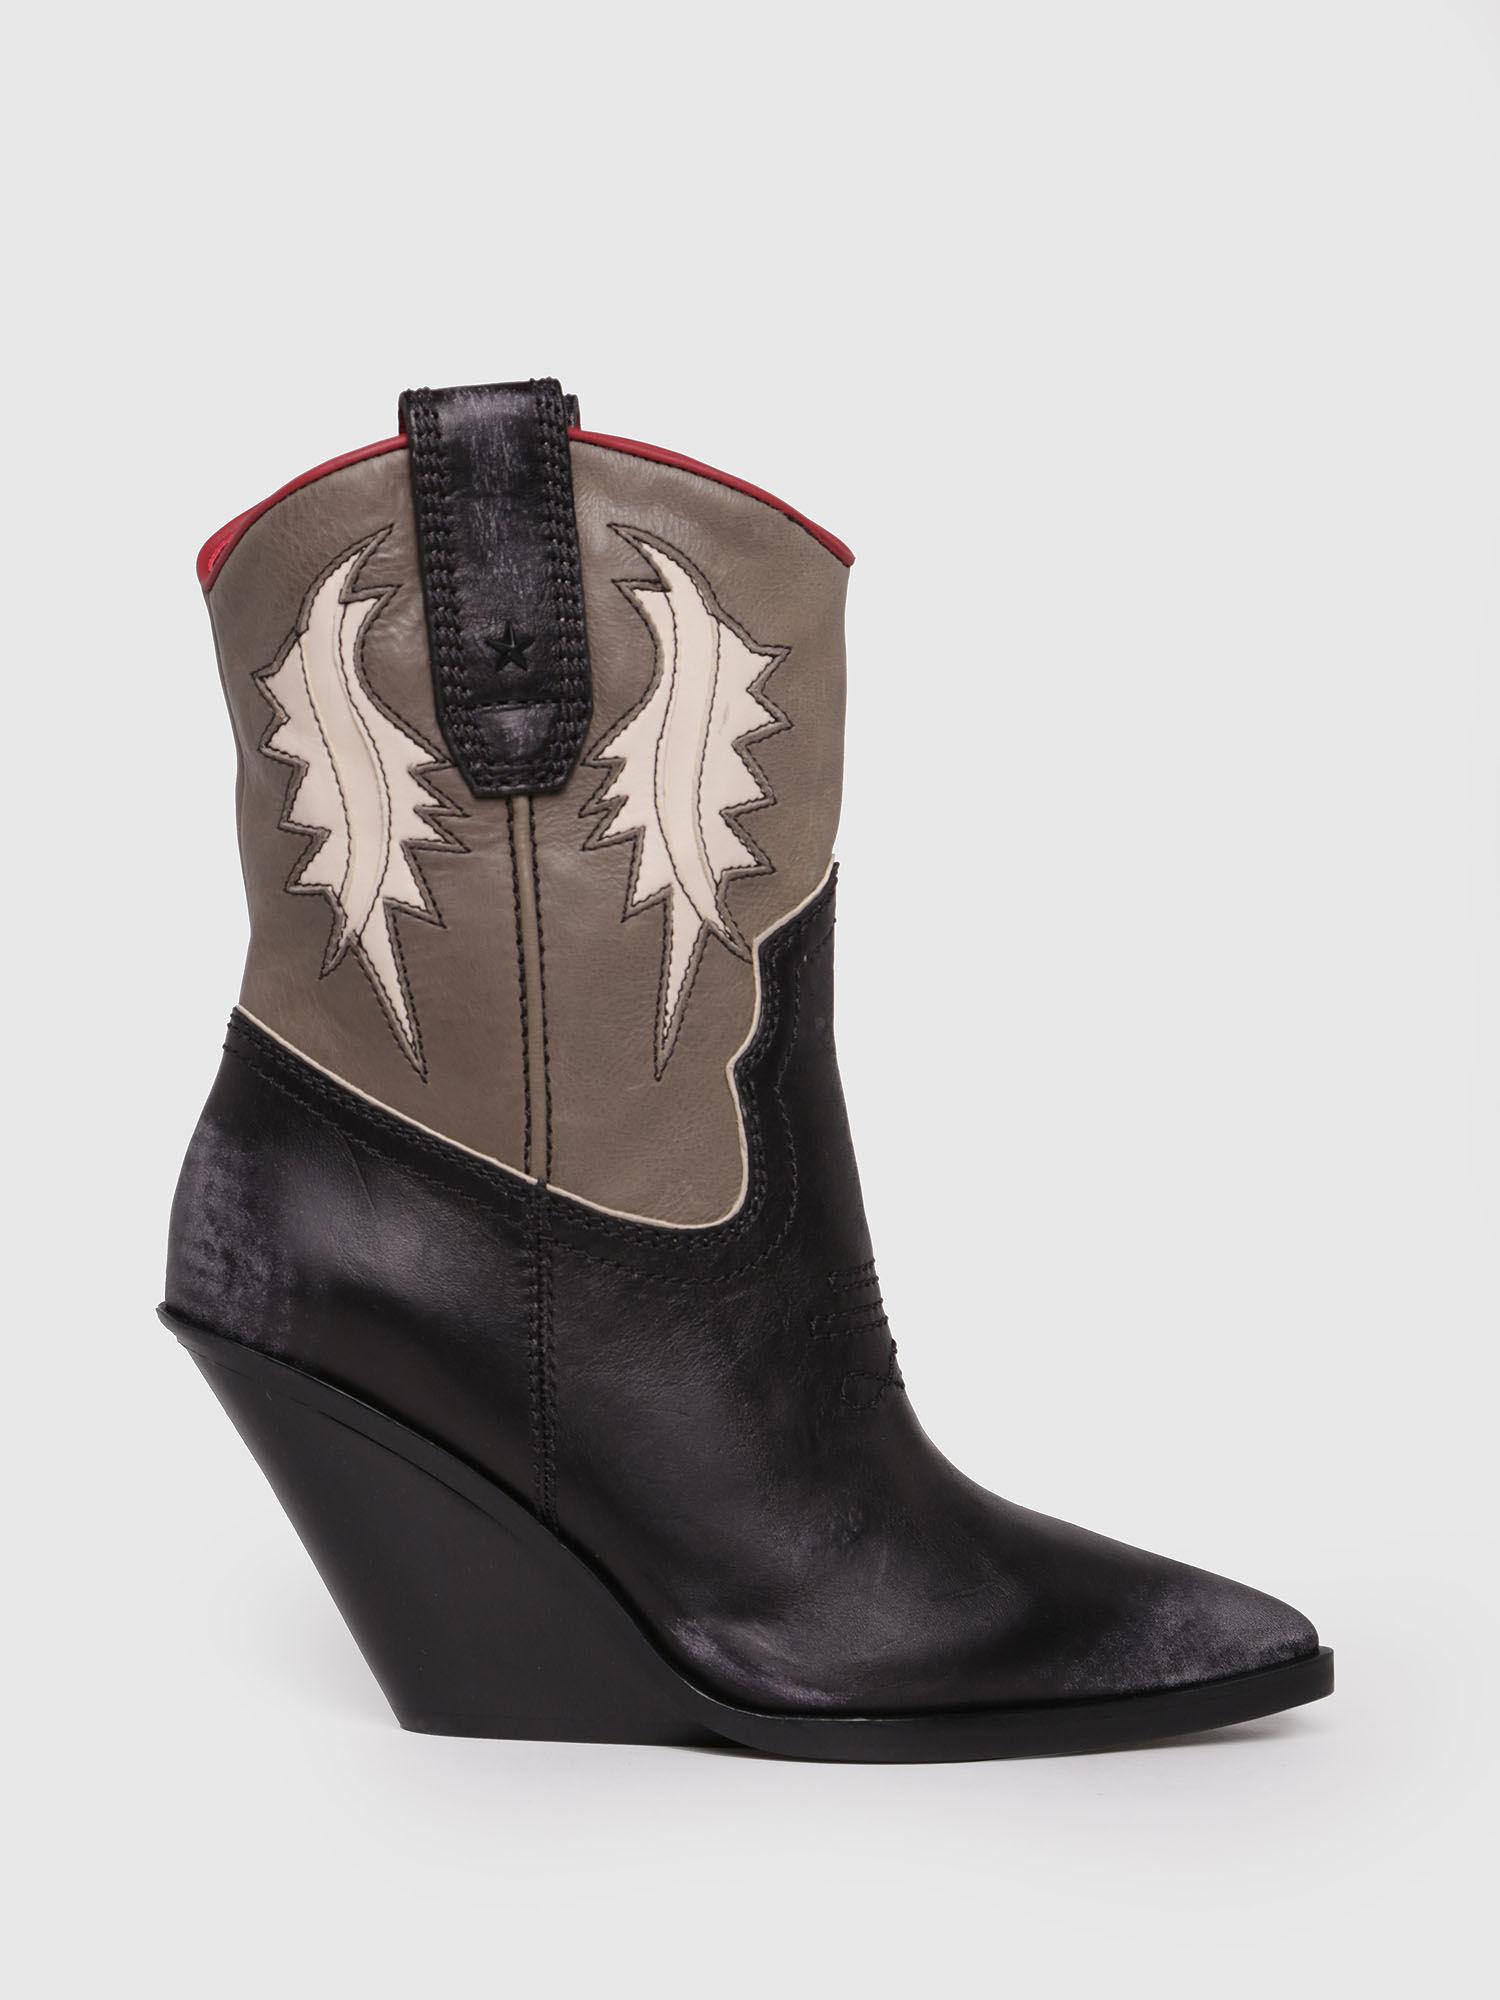 No À Talon Plates · Go Chaussures With Diesel Plan Femme wqUROYxZ